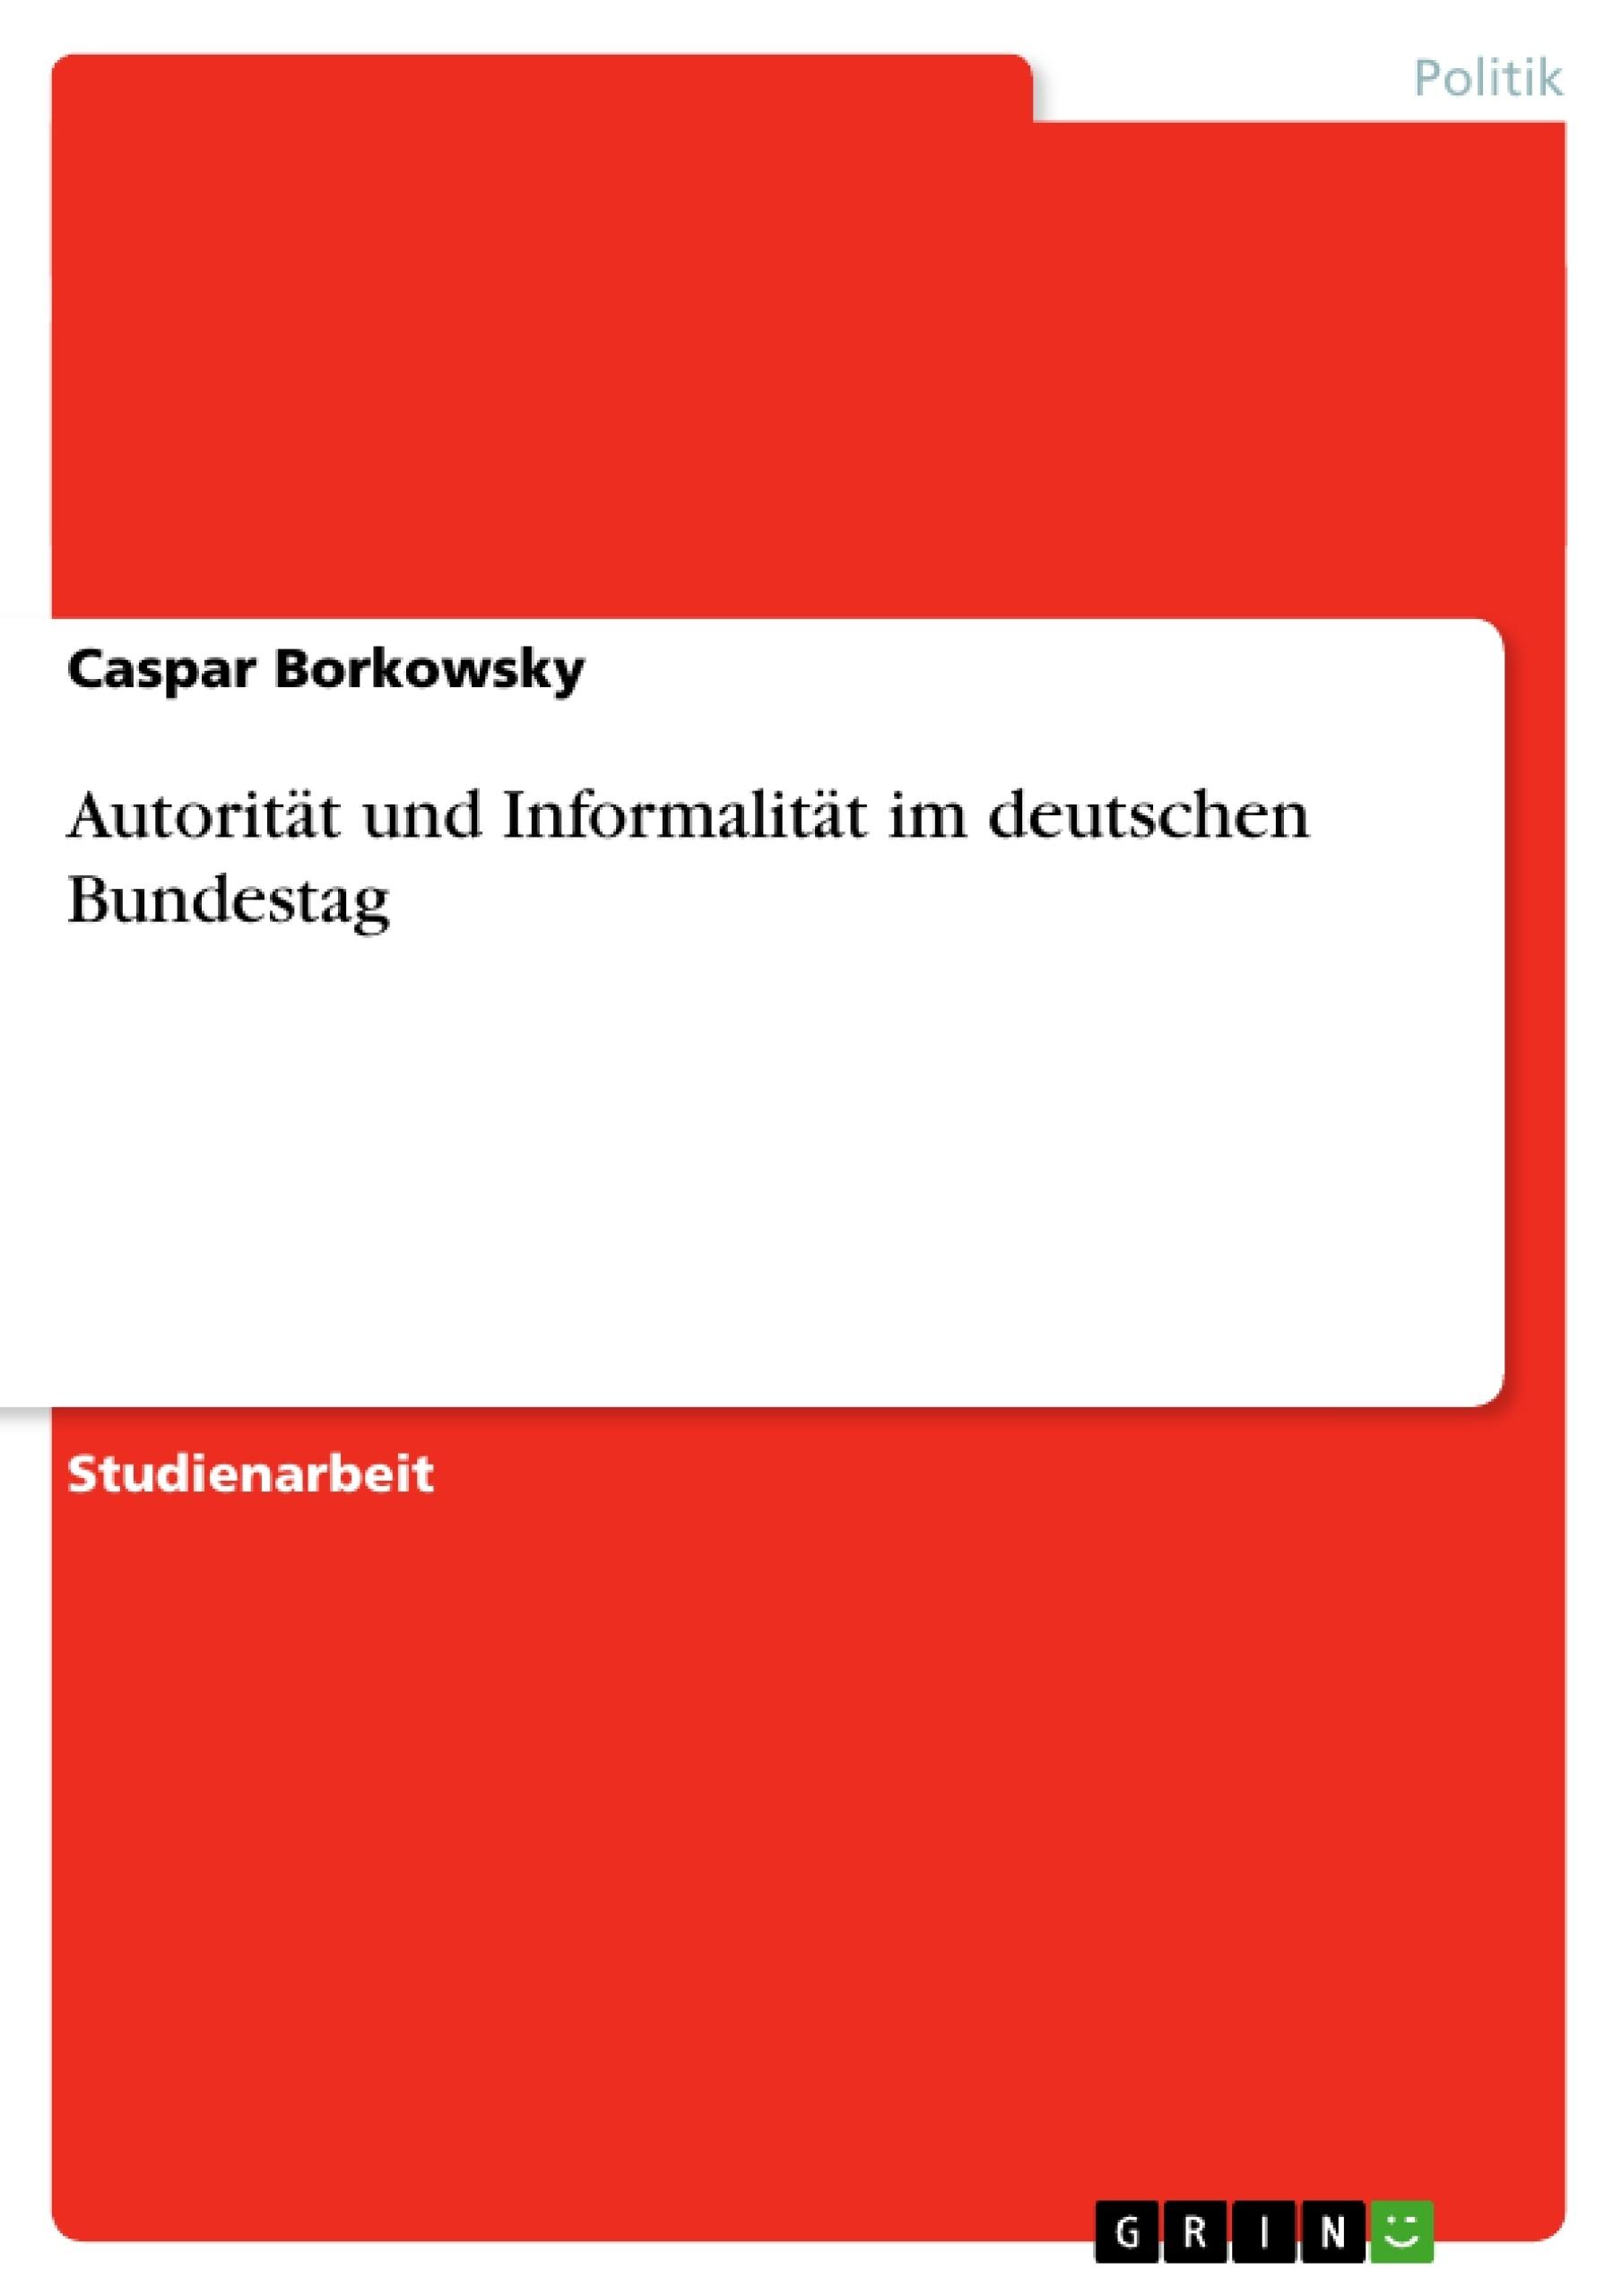 Titel: Autorität und Informalität im deutschen Bundestag